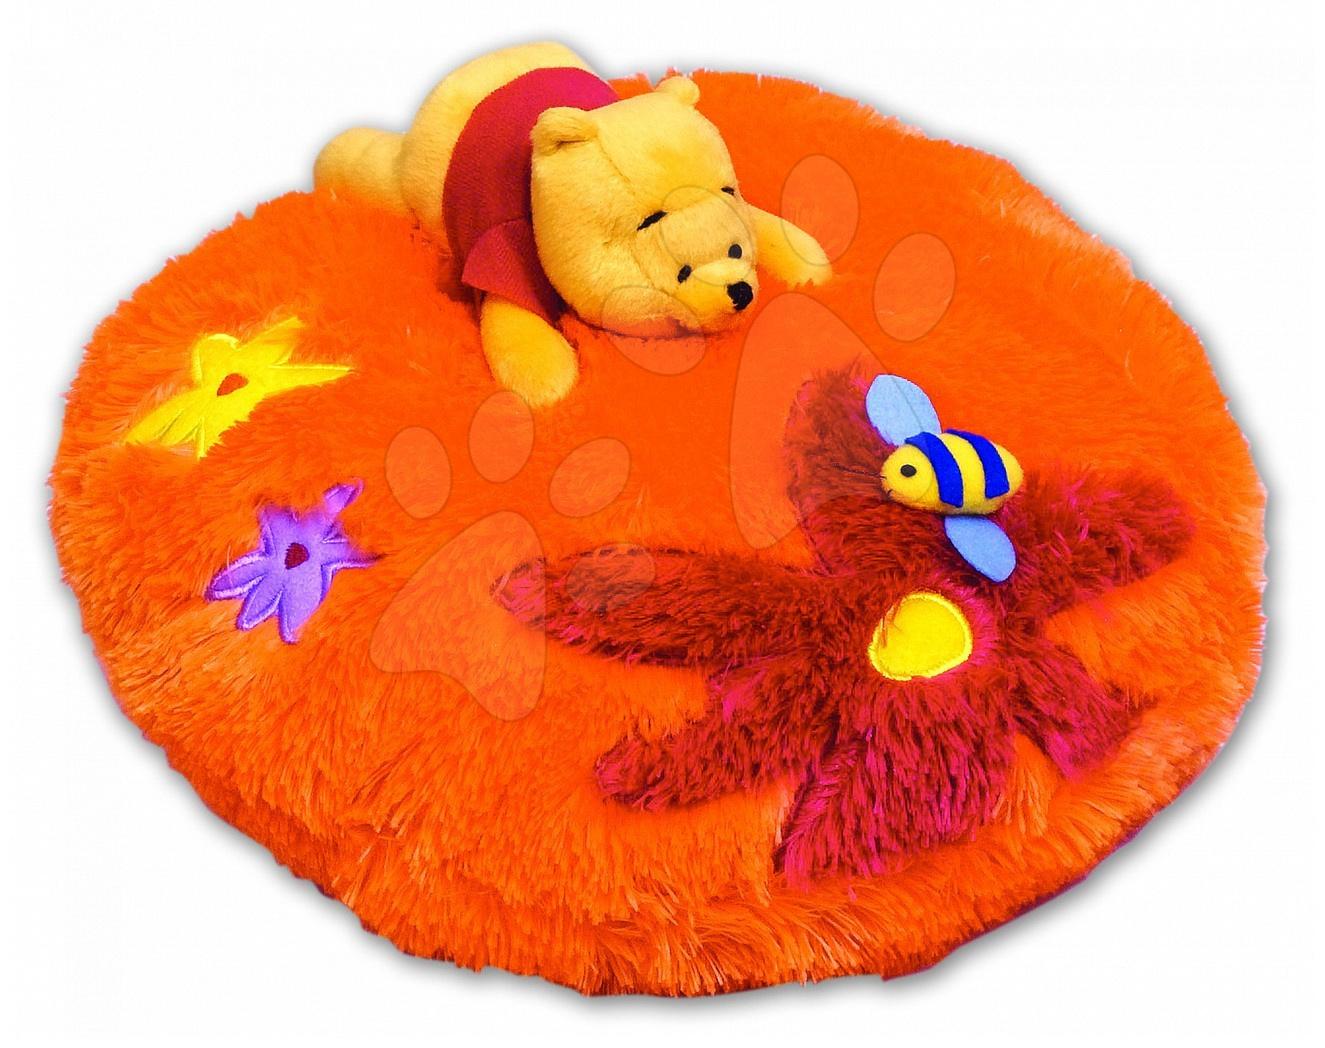 Pernă din pluş Winnie The Pooh Ilanit rotundă 36 cm